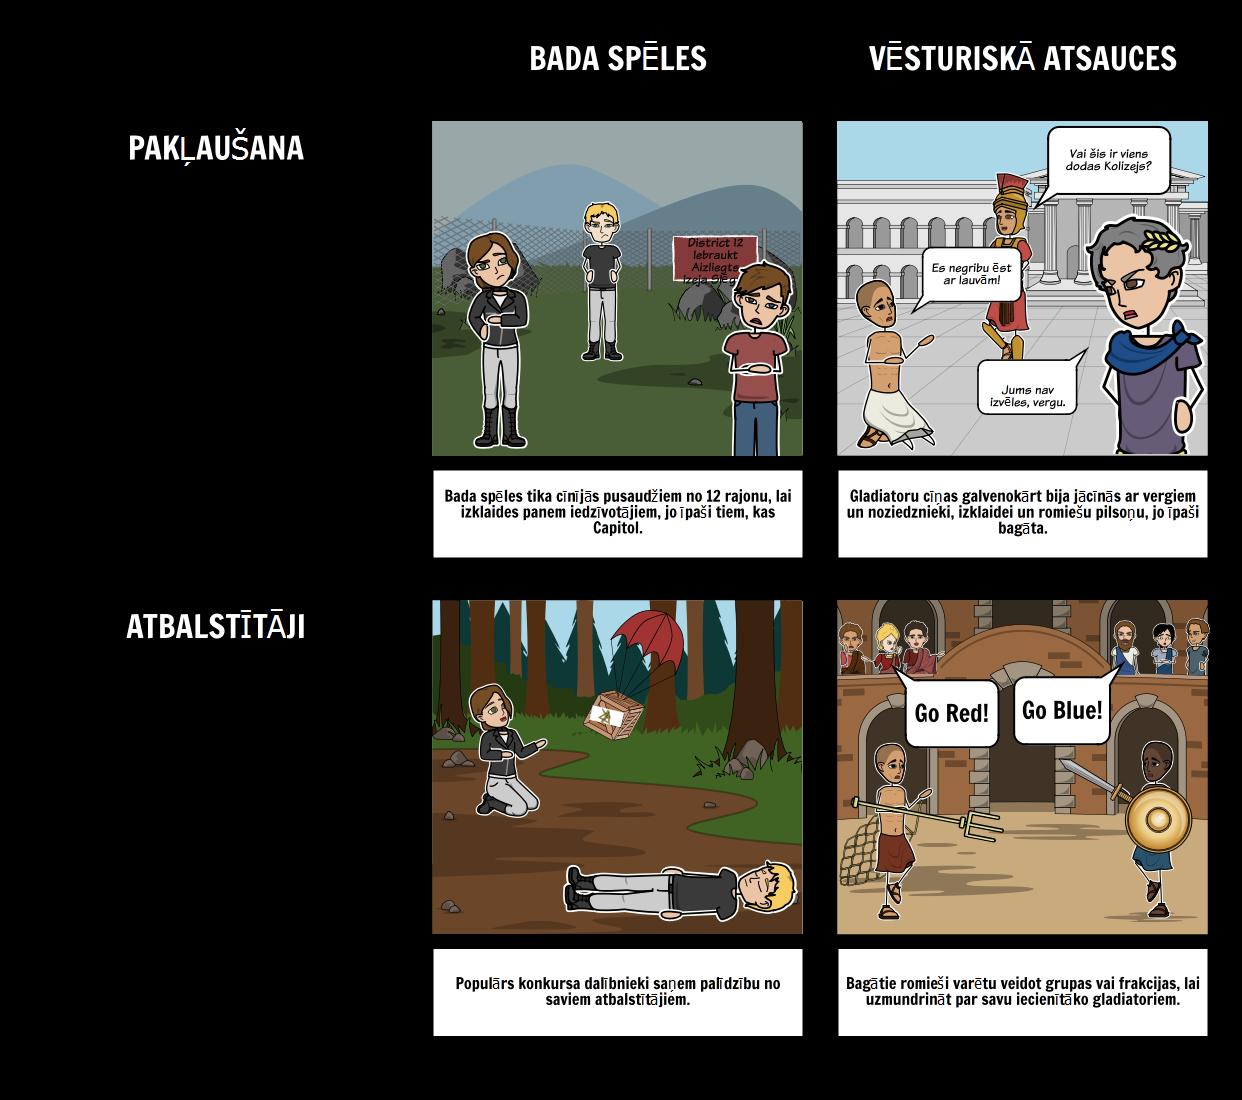 Mācību Bada Spēles - Salīdzinājumā ar Vēstures